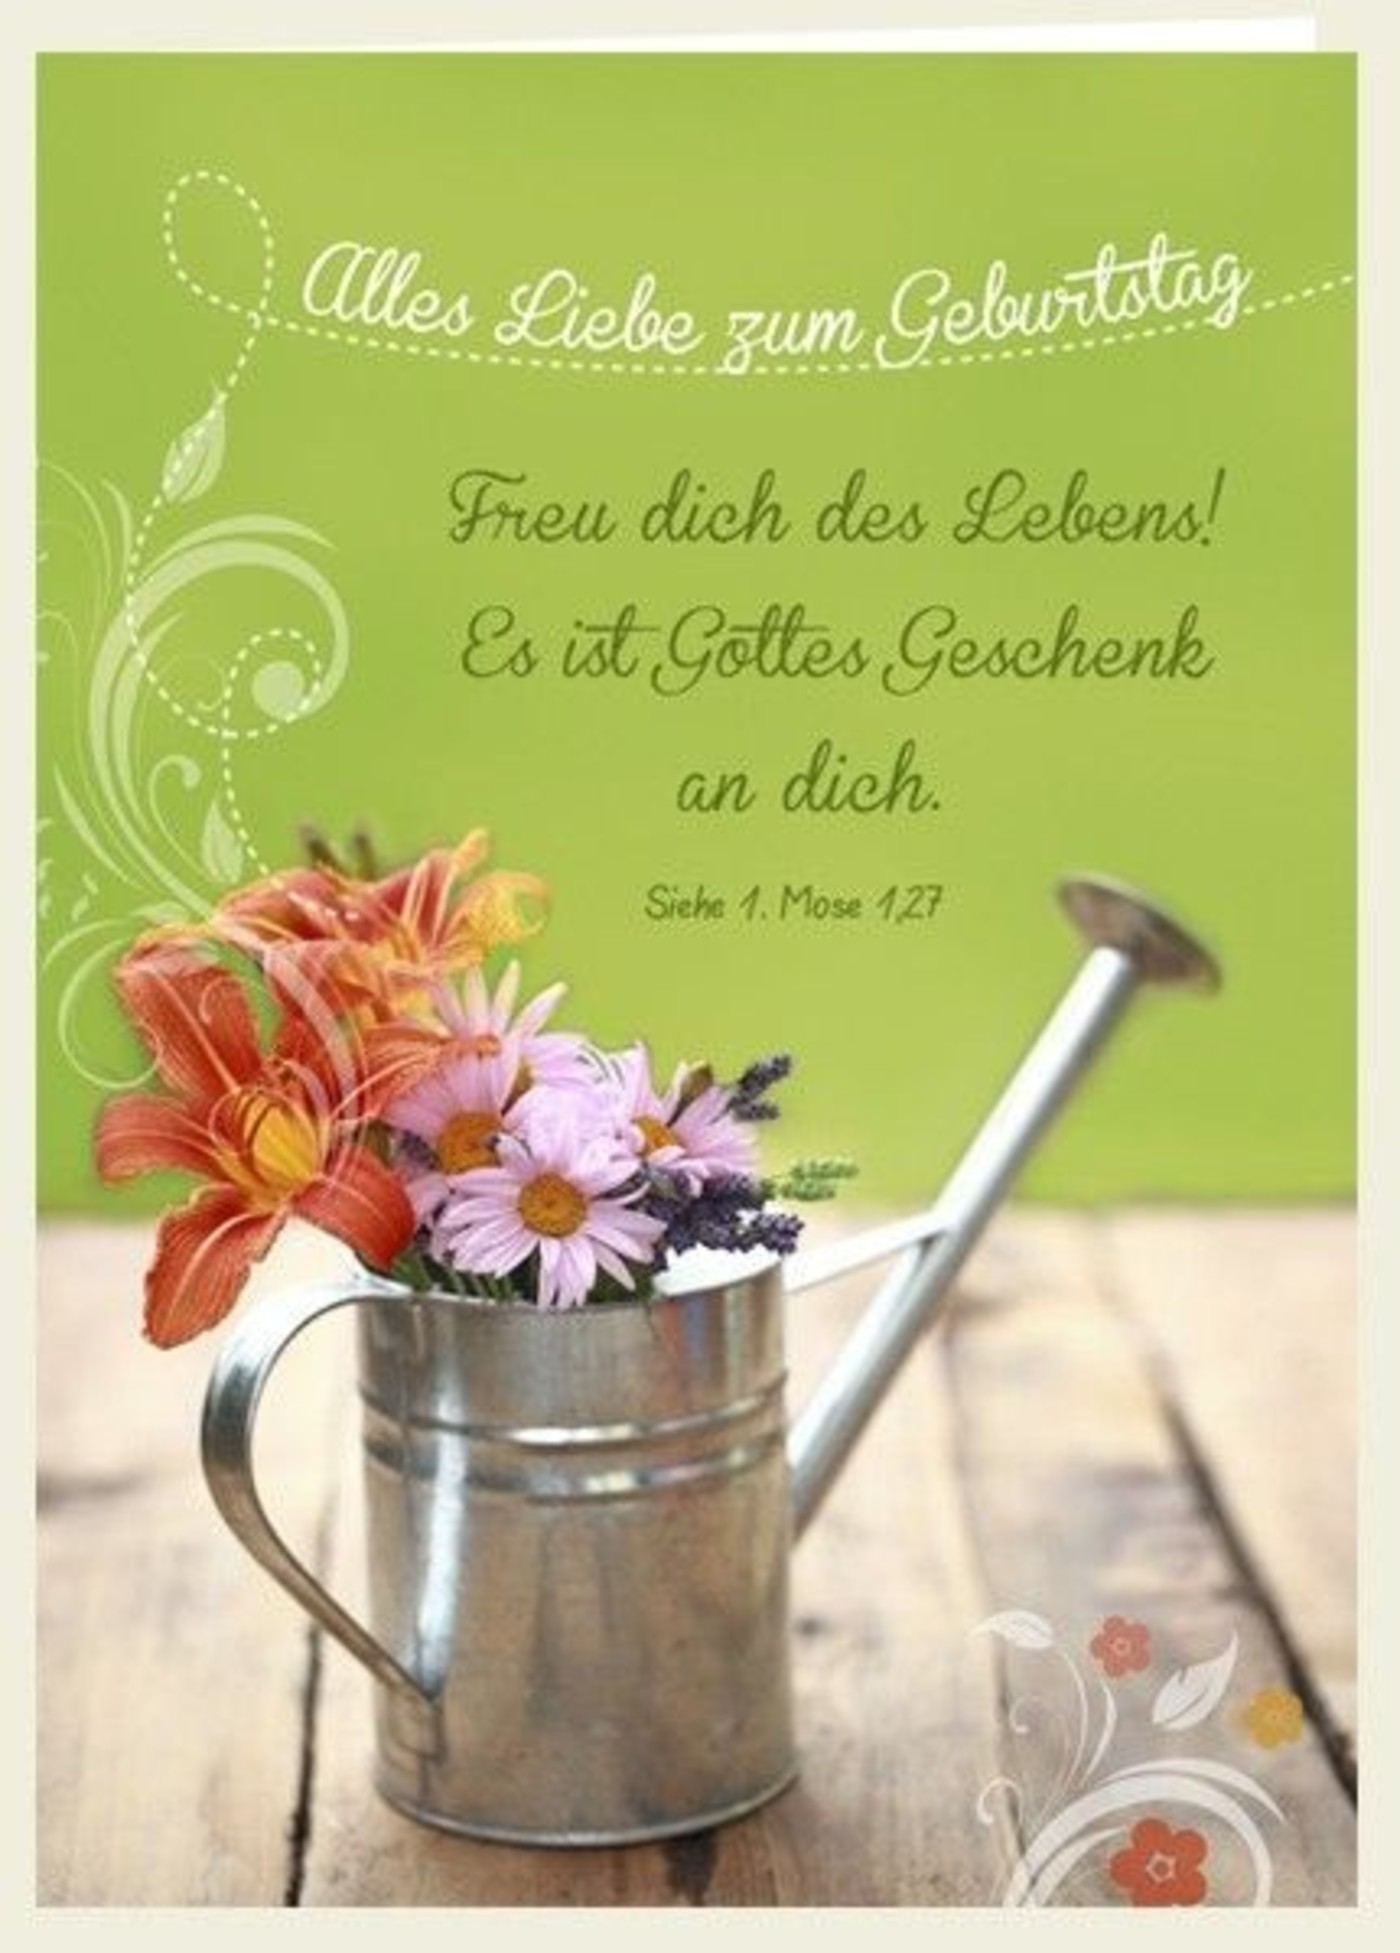 Alles Liebe zum Geburtstag (14) - GBPicsBilder.com